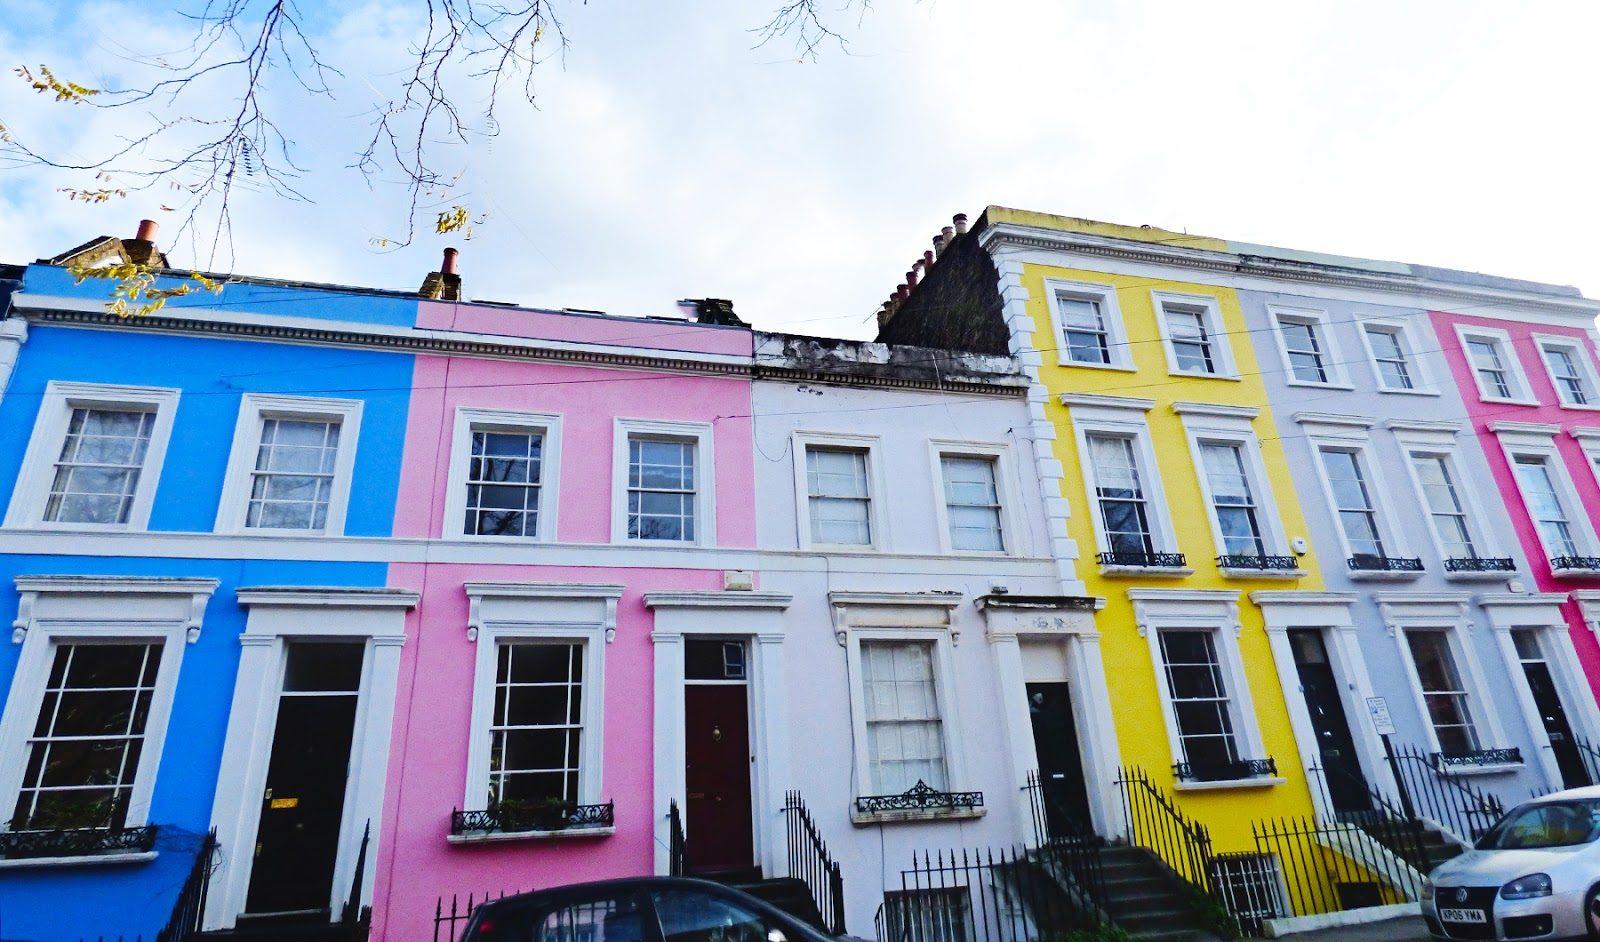 fachadas-de-película-Notting-Hill-la-Paloma-cerámicas-ladrillos-colores